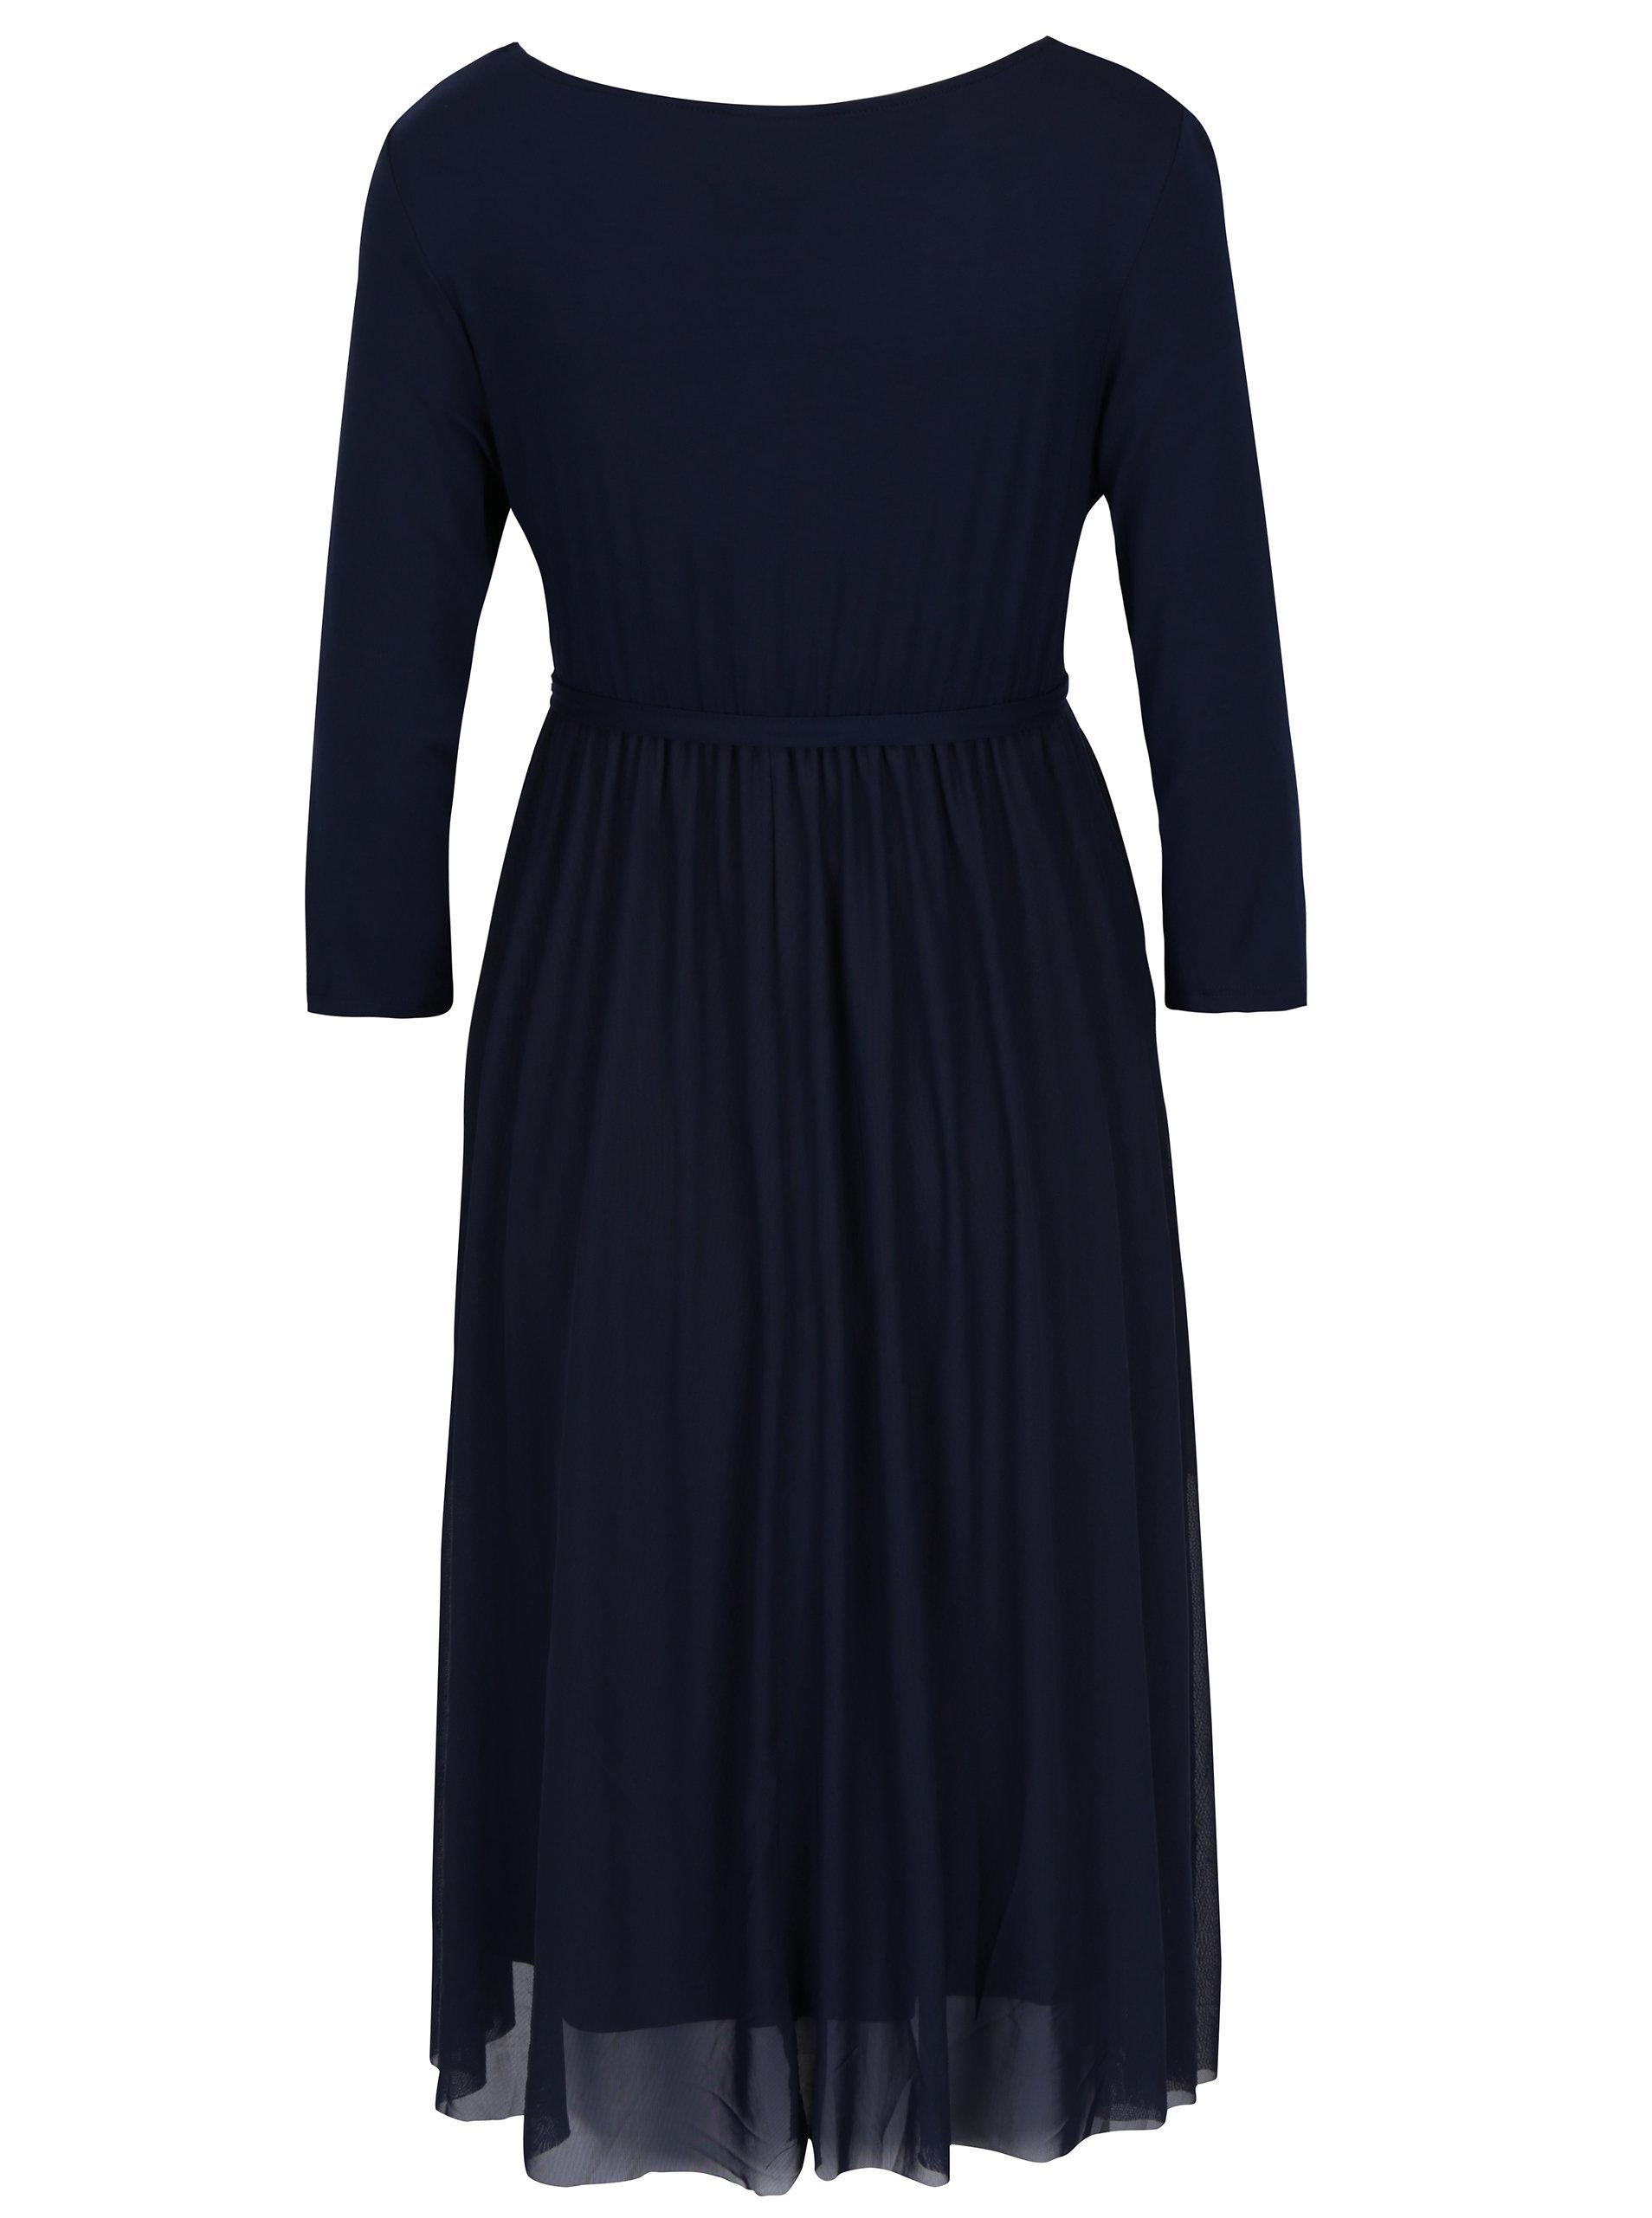 48bb4065898c Tmavě modré těhotenské šaty s páskem Mama.licious Bianka ...